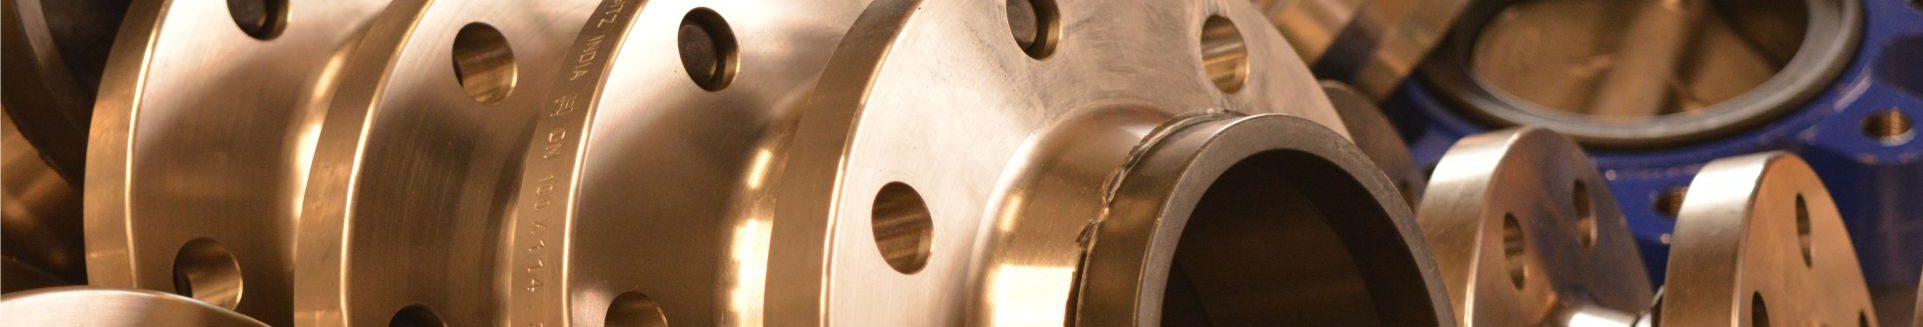 Wartung, Instandhaltung, Installation, Druckbehälterprüfung